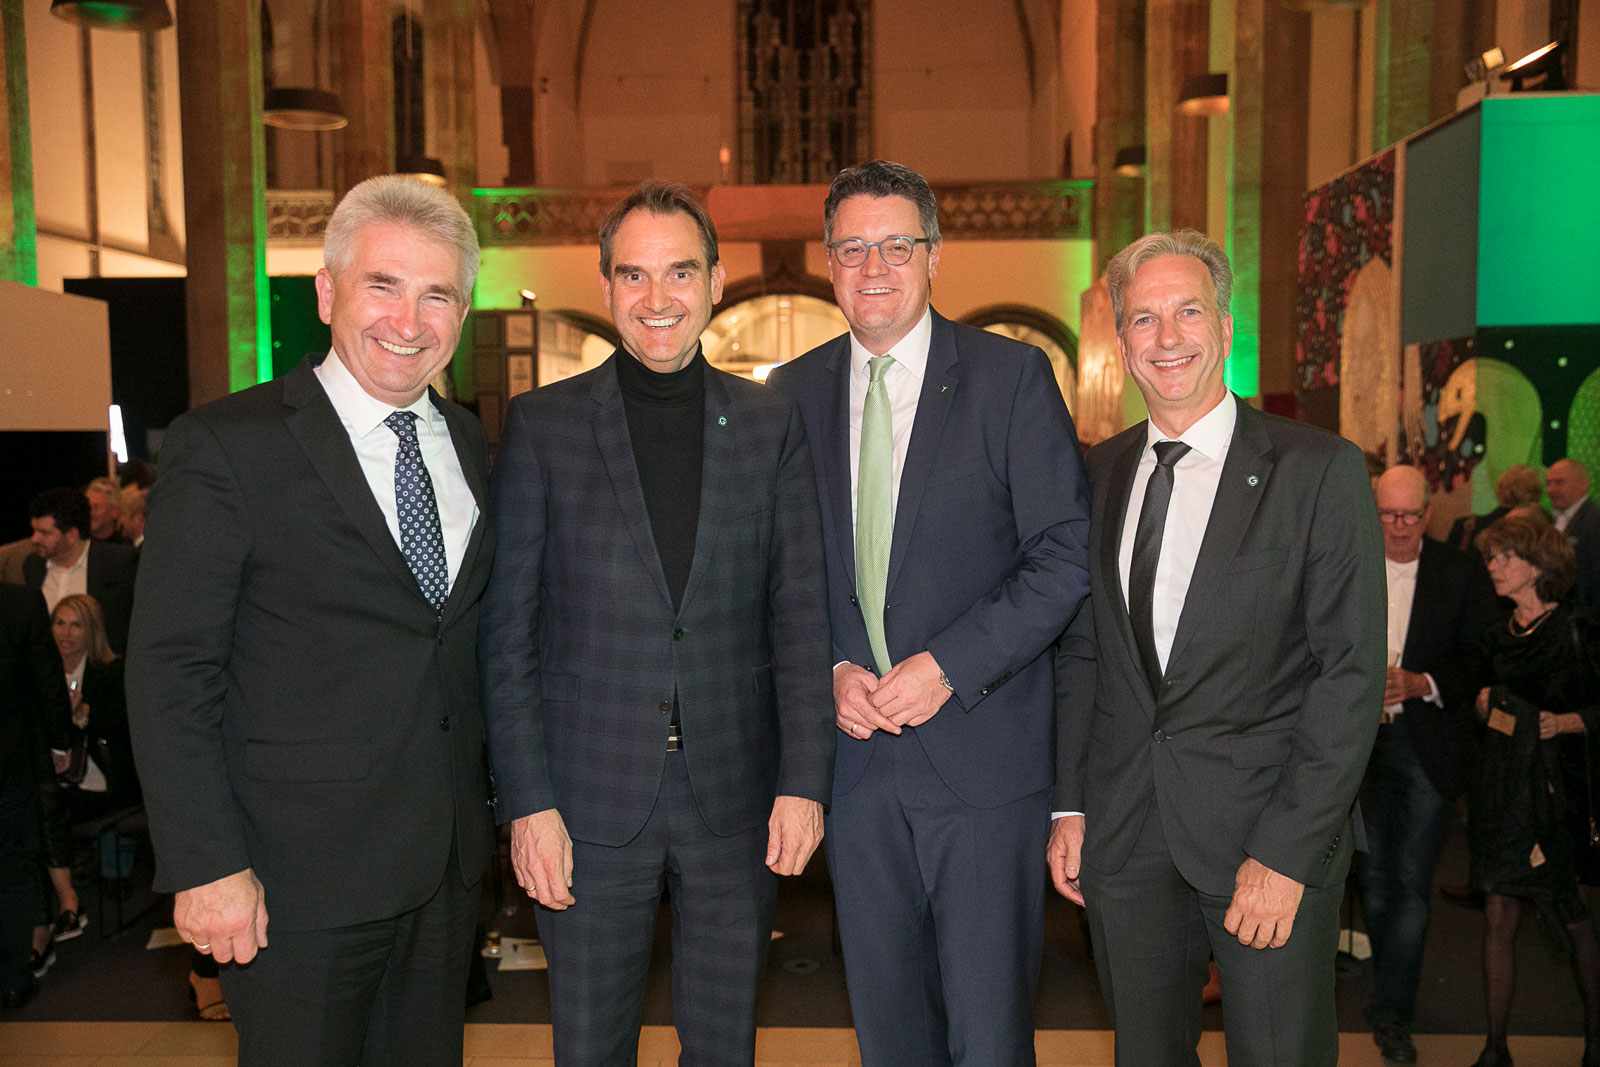 inister Prof. Dr. Andreas Pinkwart, CEO Dr. Oliver Grün, Städteregionsrat Dr. Tim Grüttemeier und COO Dirk Hönscheid bei der 30-Jahr-Feier der GRÜN Software AG.